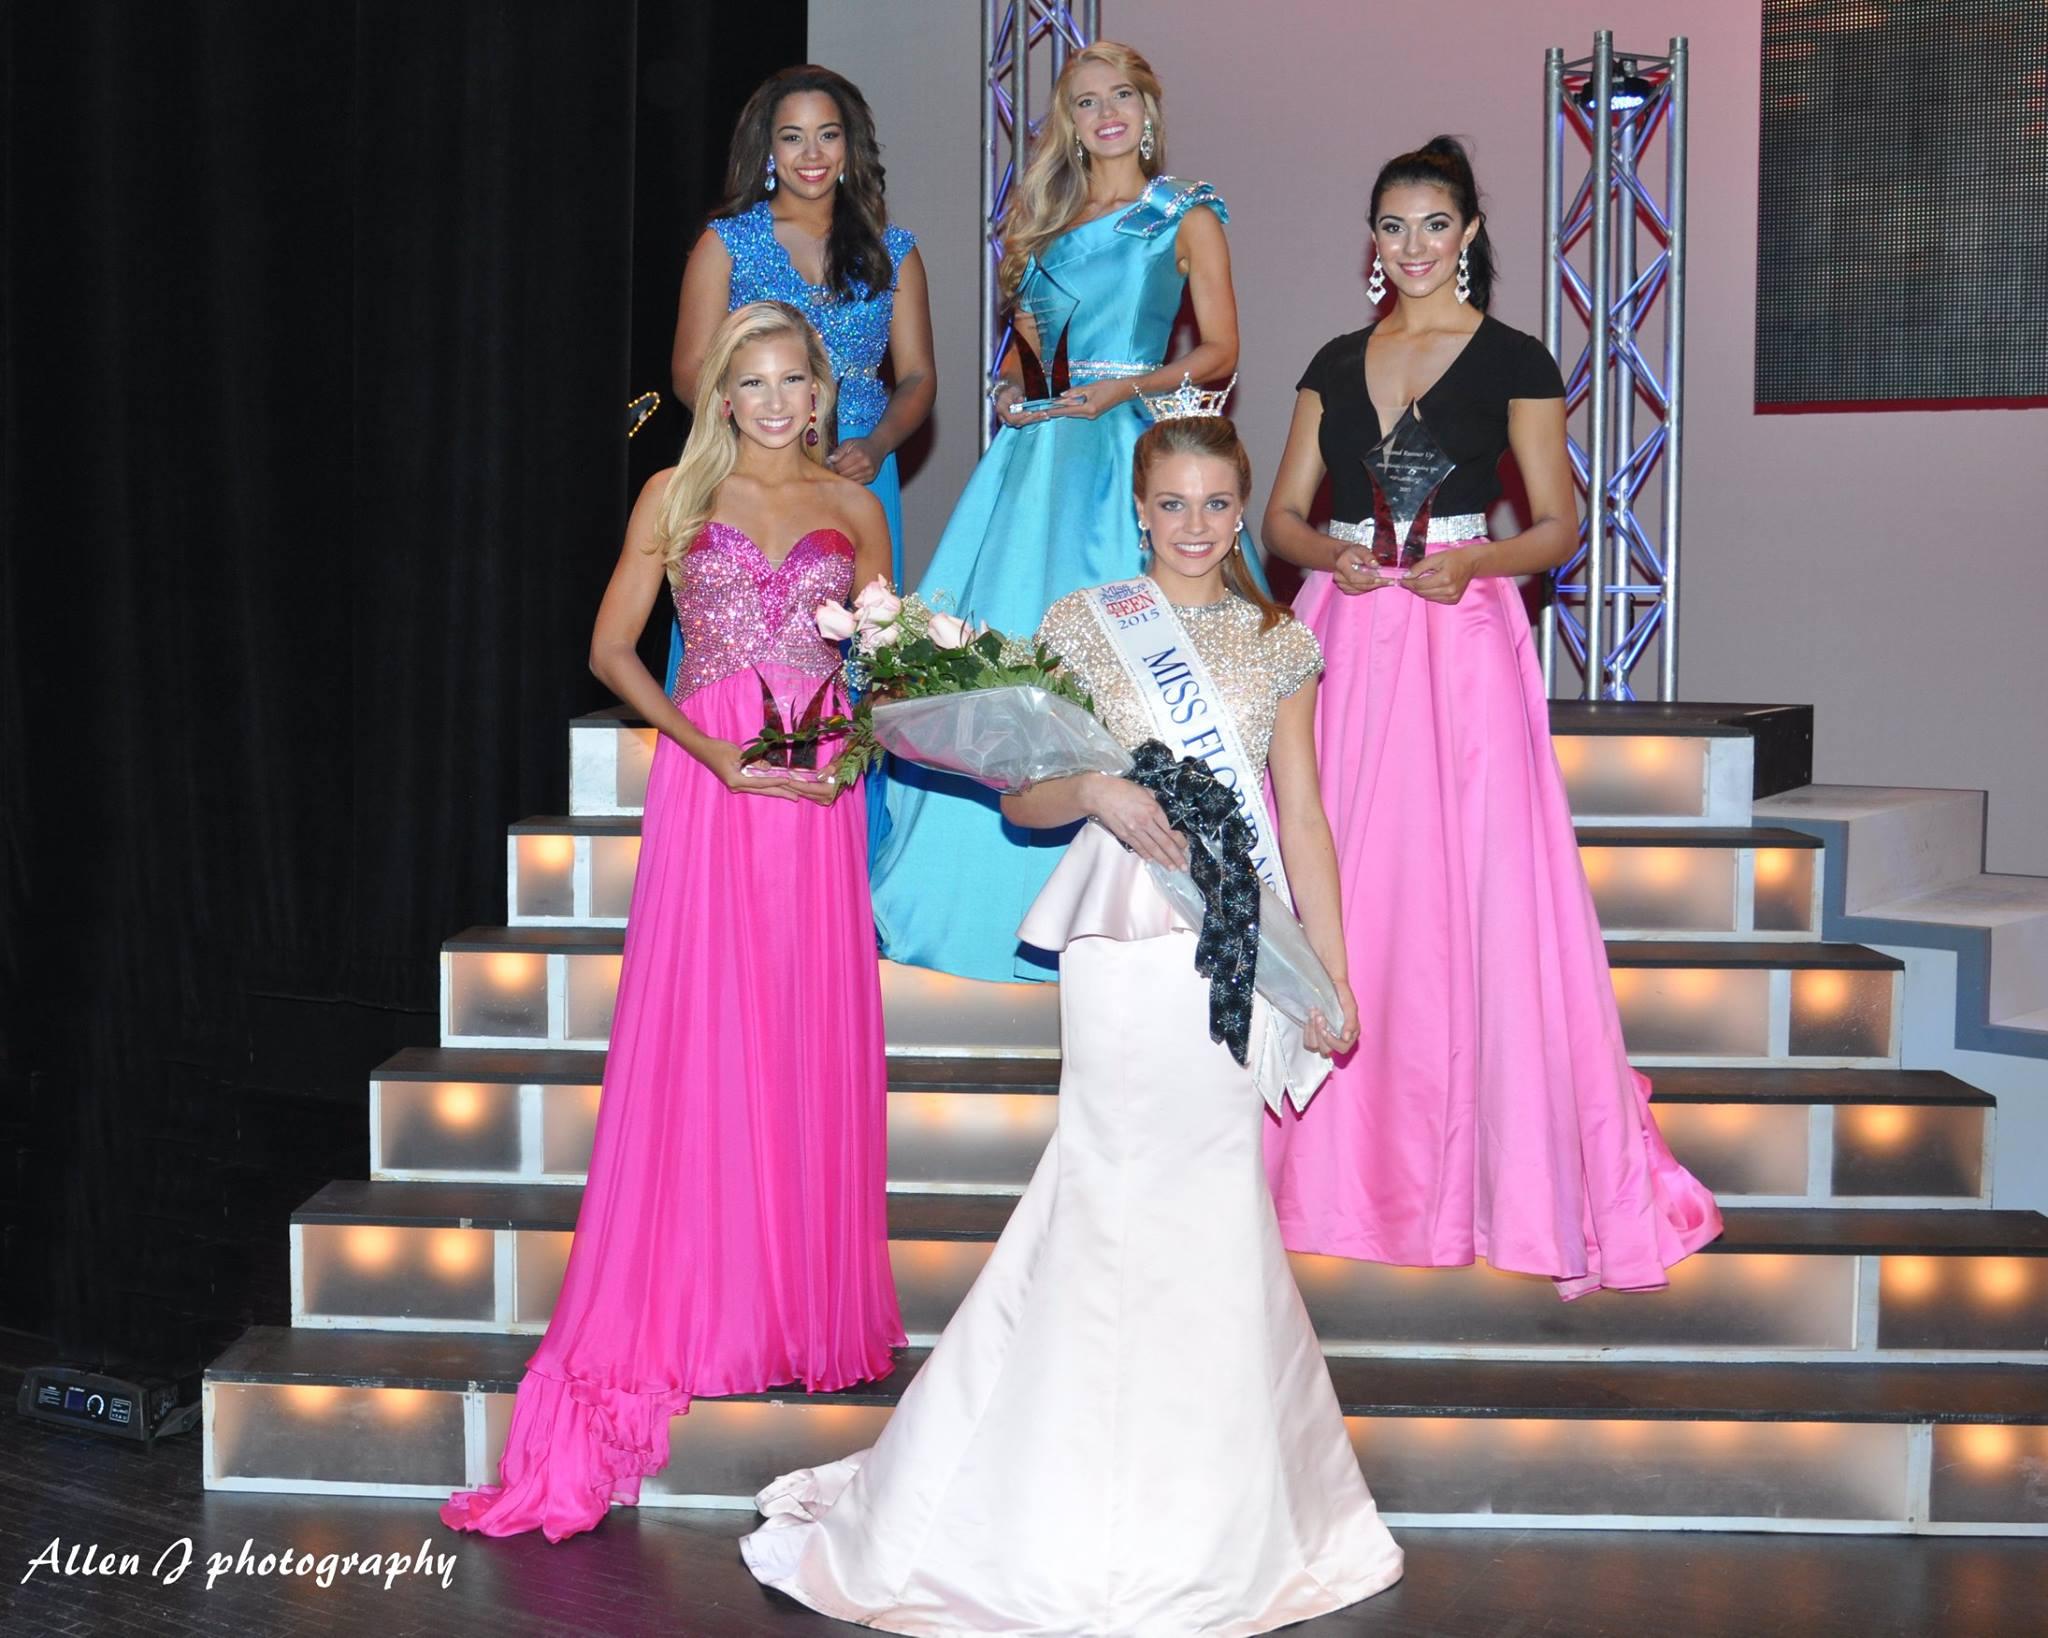 miss & teen jacksonville usa pageant - www.jacksonvillepageants